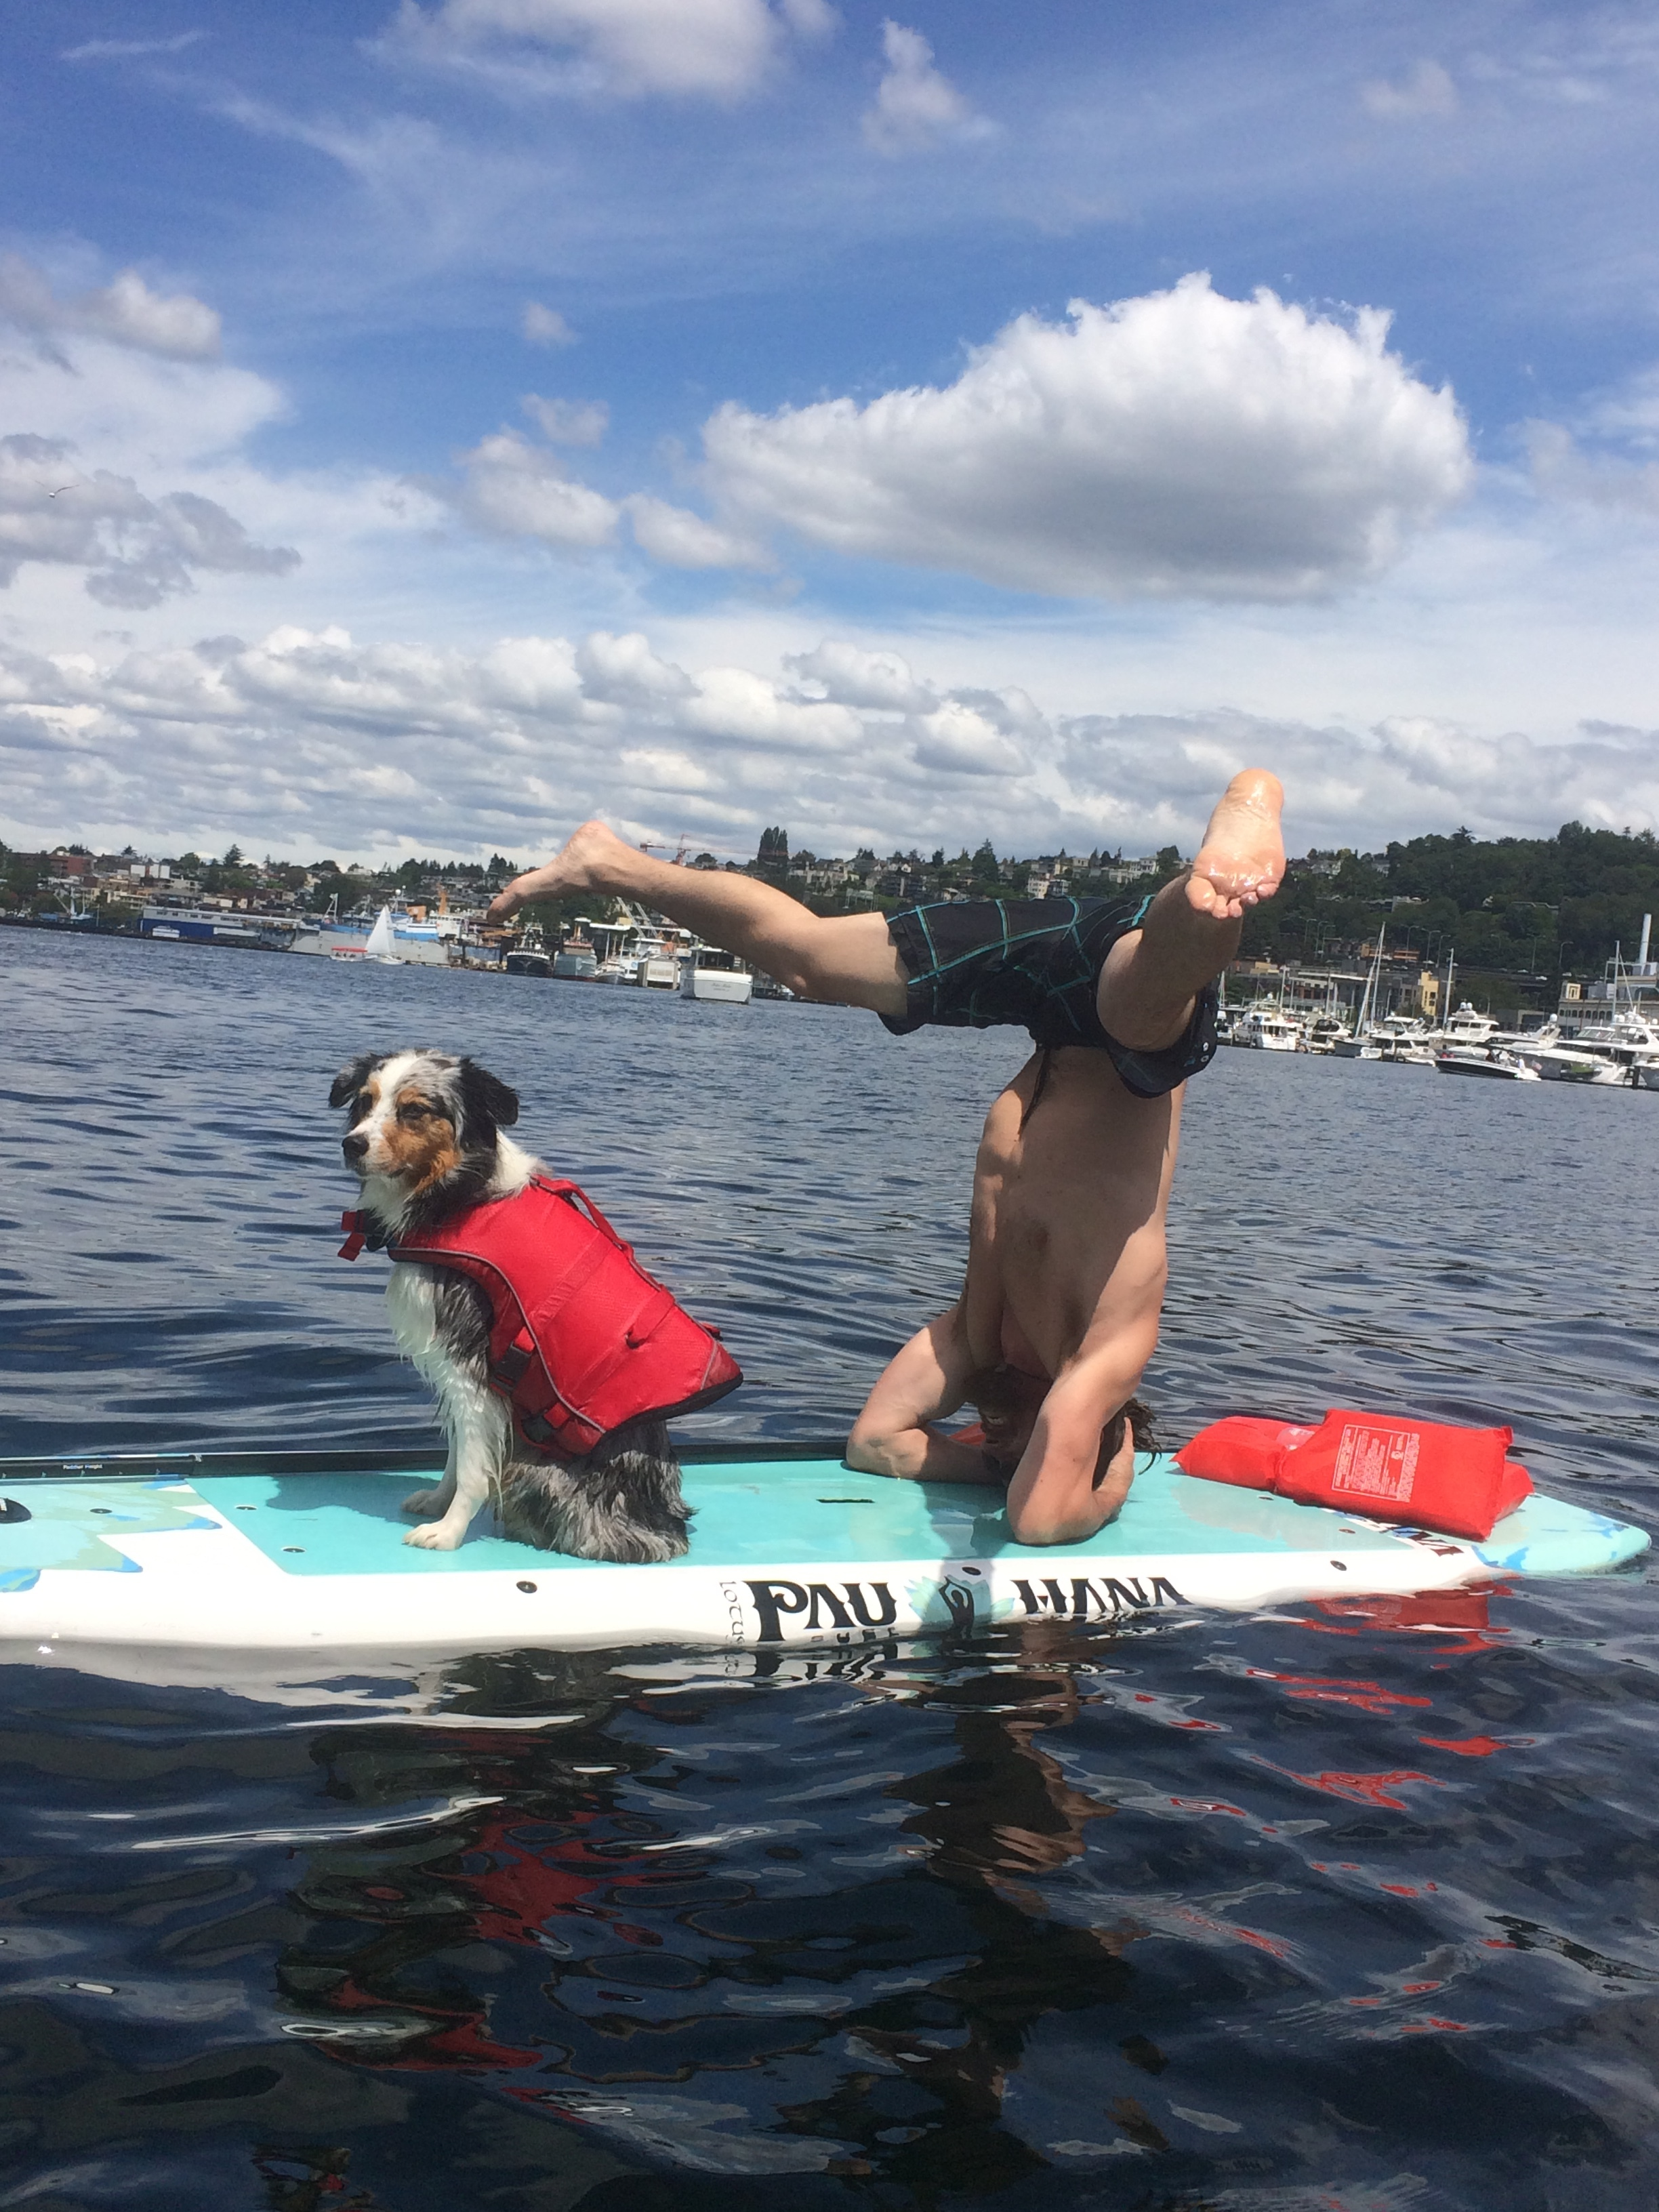 pet-friendly-paddle-board-rentals-seattle.jpg